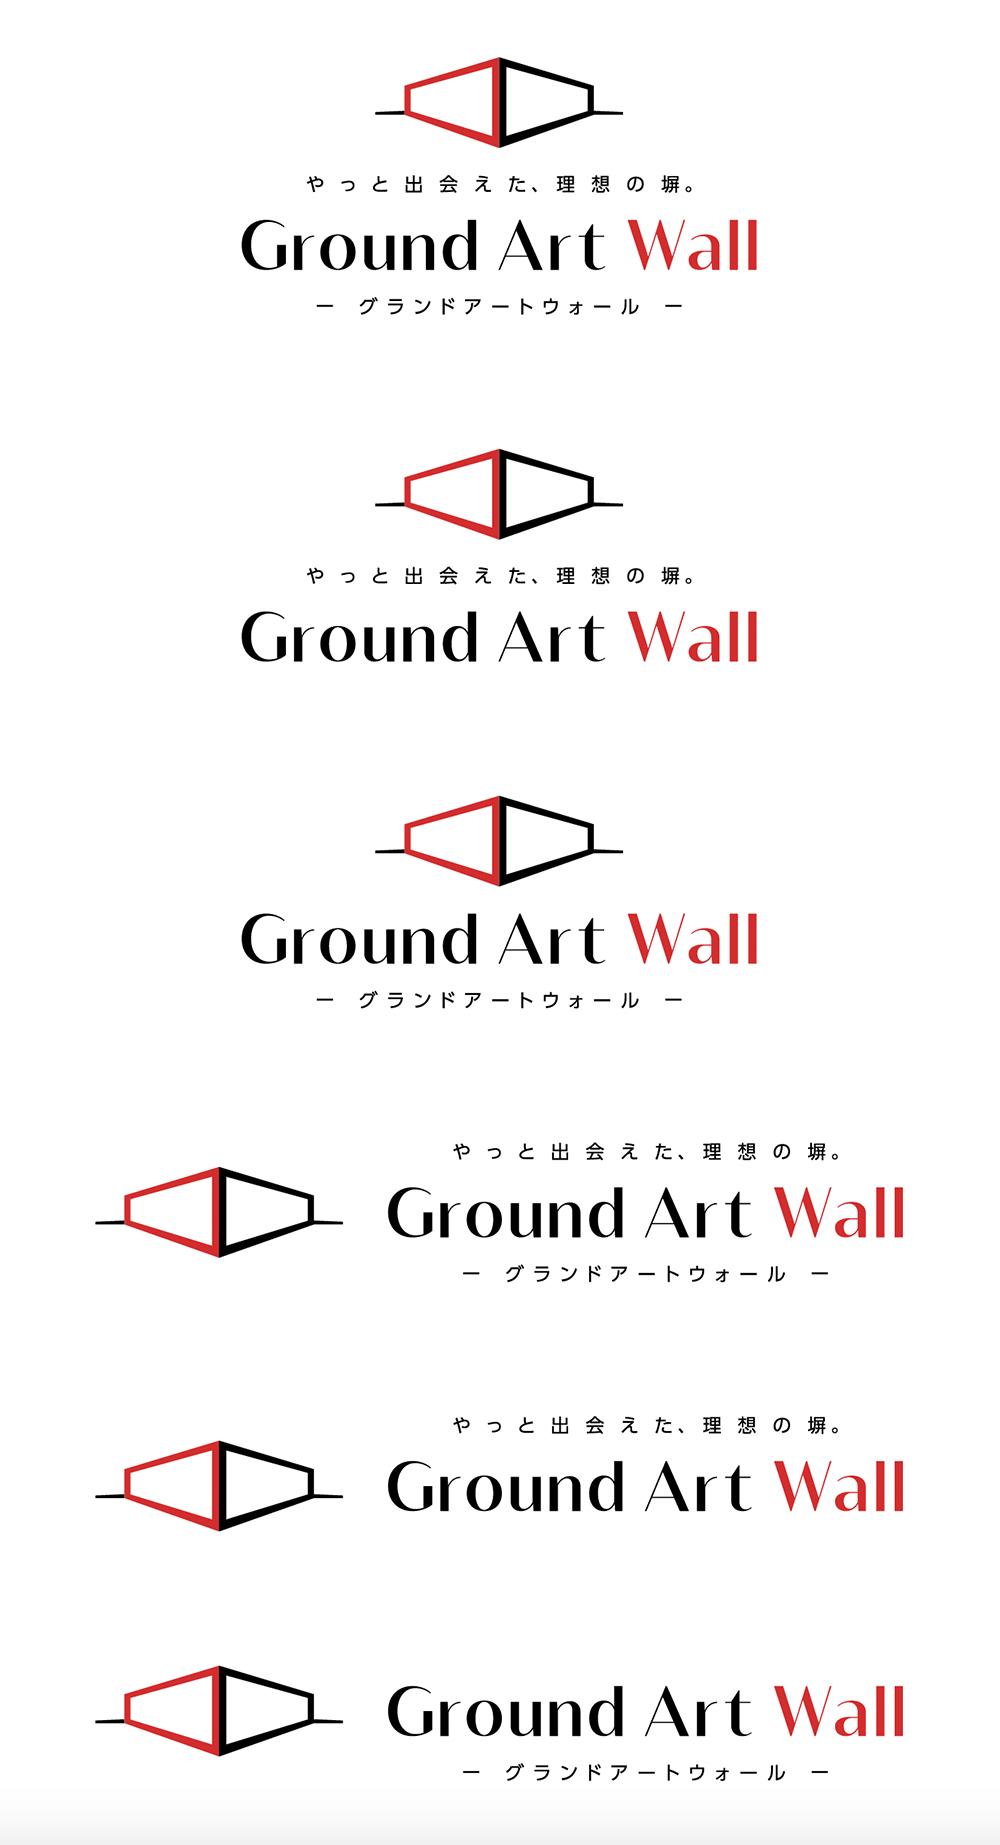 松岡工業株式会社様 グランドアートウォール事業 ロゴマーク・ロゴタイプ イメージ01